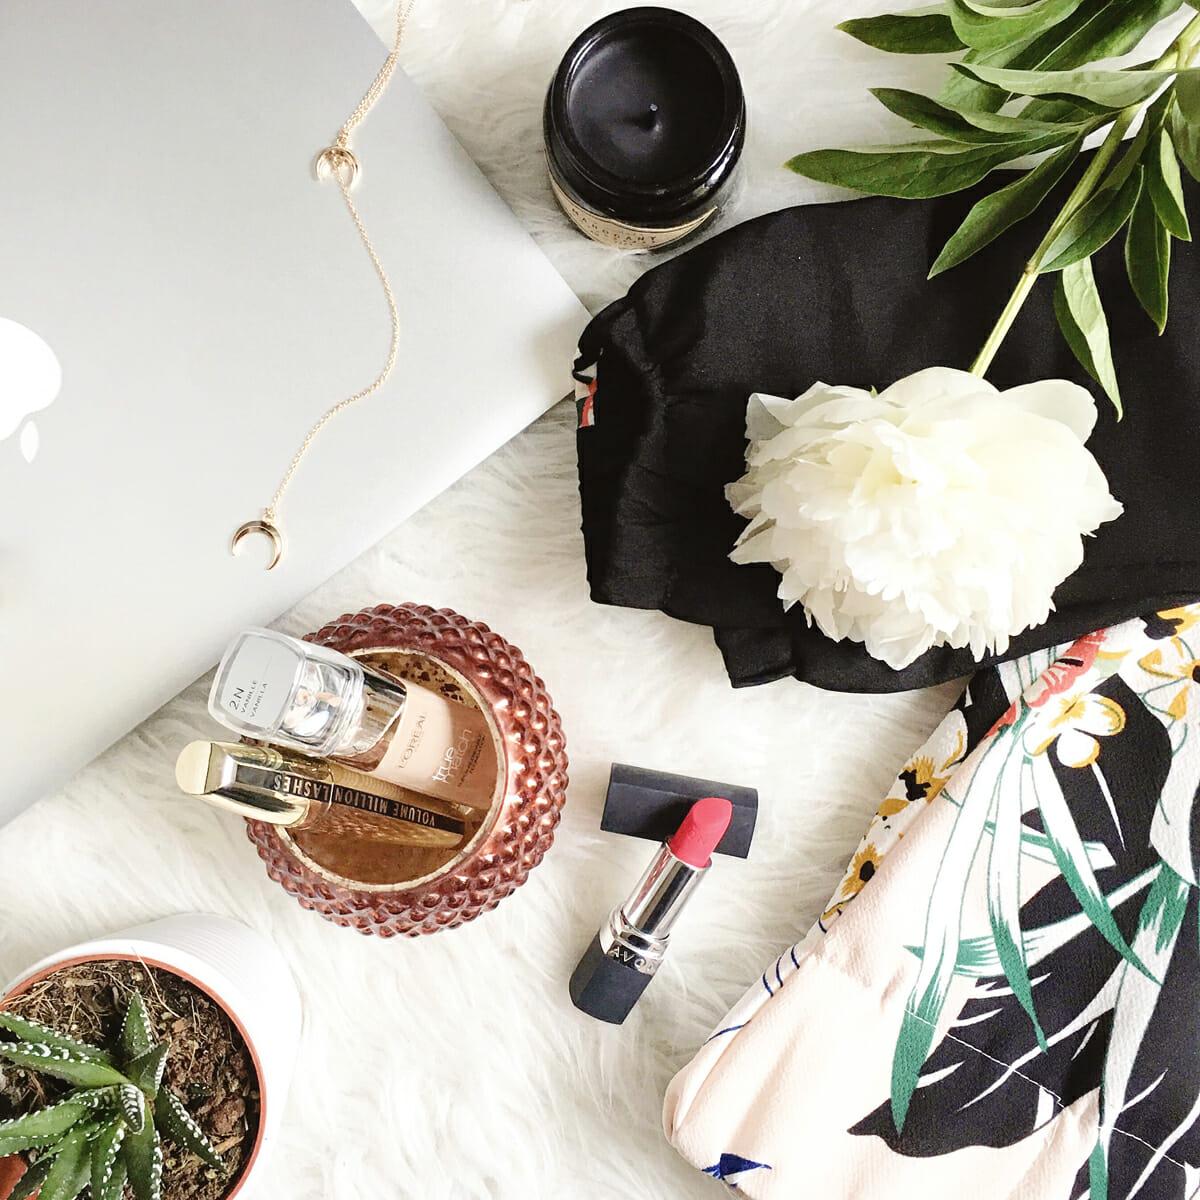 Kreatywna Freelancerka Fotografia, sesja kobieca, kobieca sesja zdjęciowa, portret, sesja portretowa, fotografia kobieca, fotograf Warszawa, fotografia lifestylowa, lifestyle, fotografia produktowa, zdjęcia stylizowane, Instagram